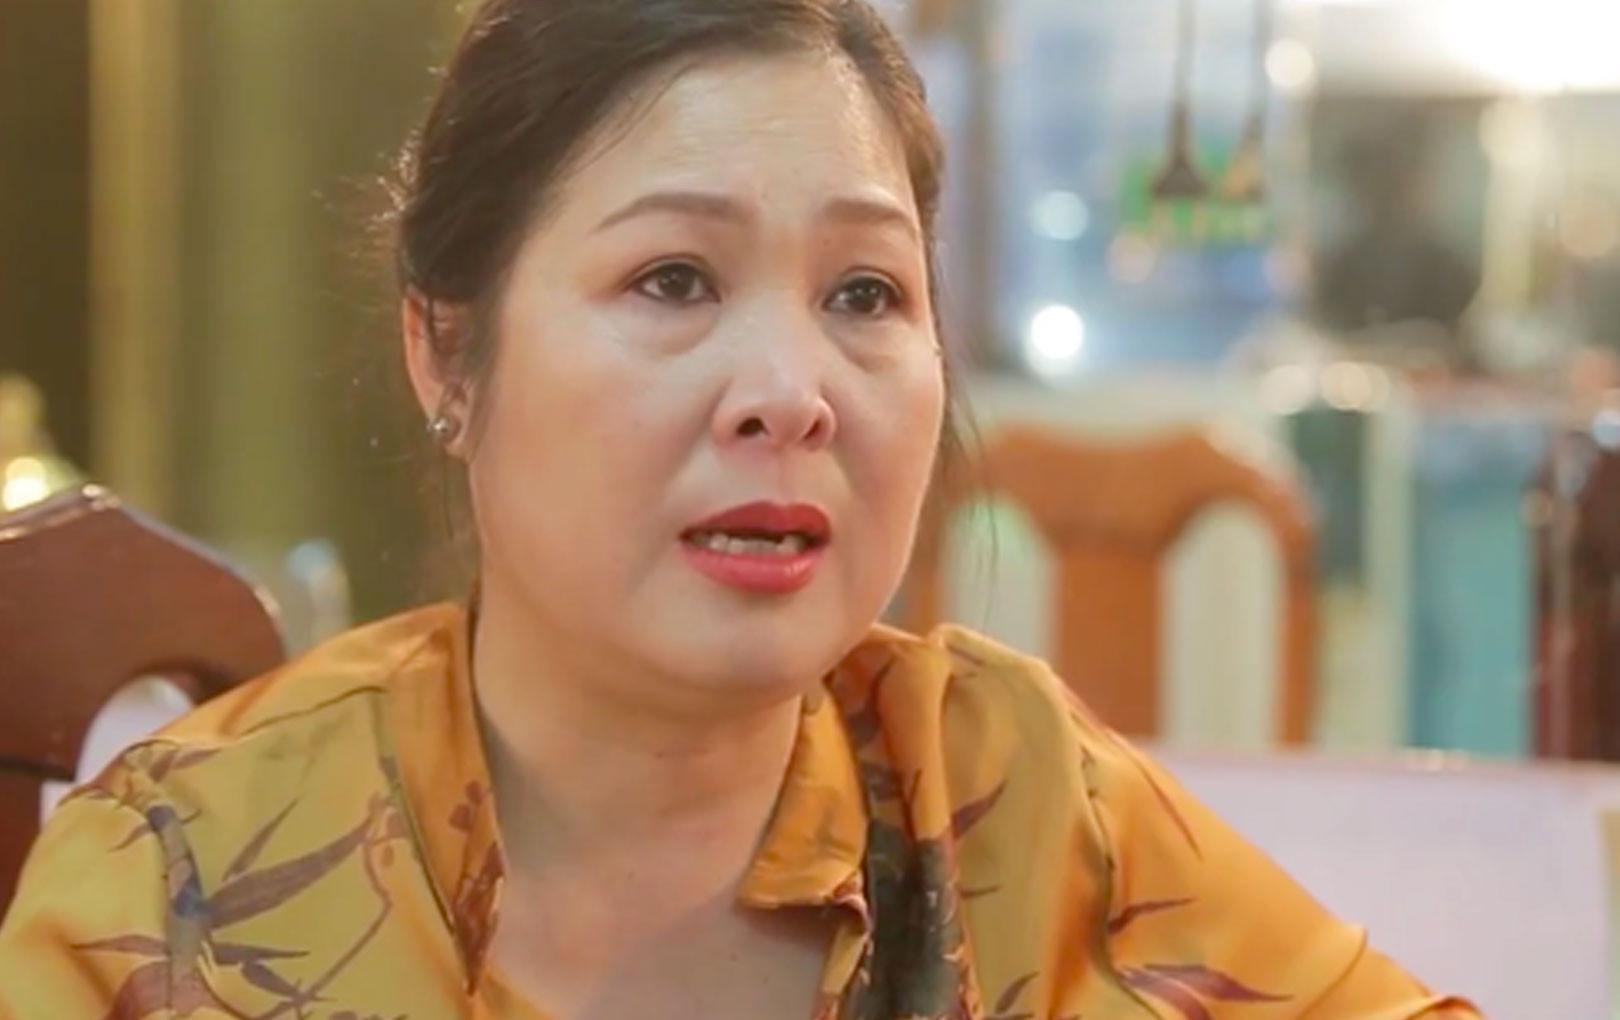 NSND Hồng Vân đau lòng thông báo chính thức đóng cửa sân khấu kịch sau 14 năm gây dựng